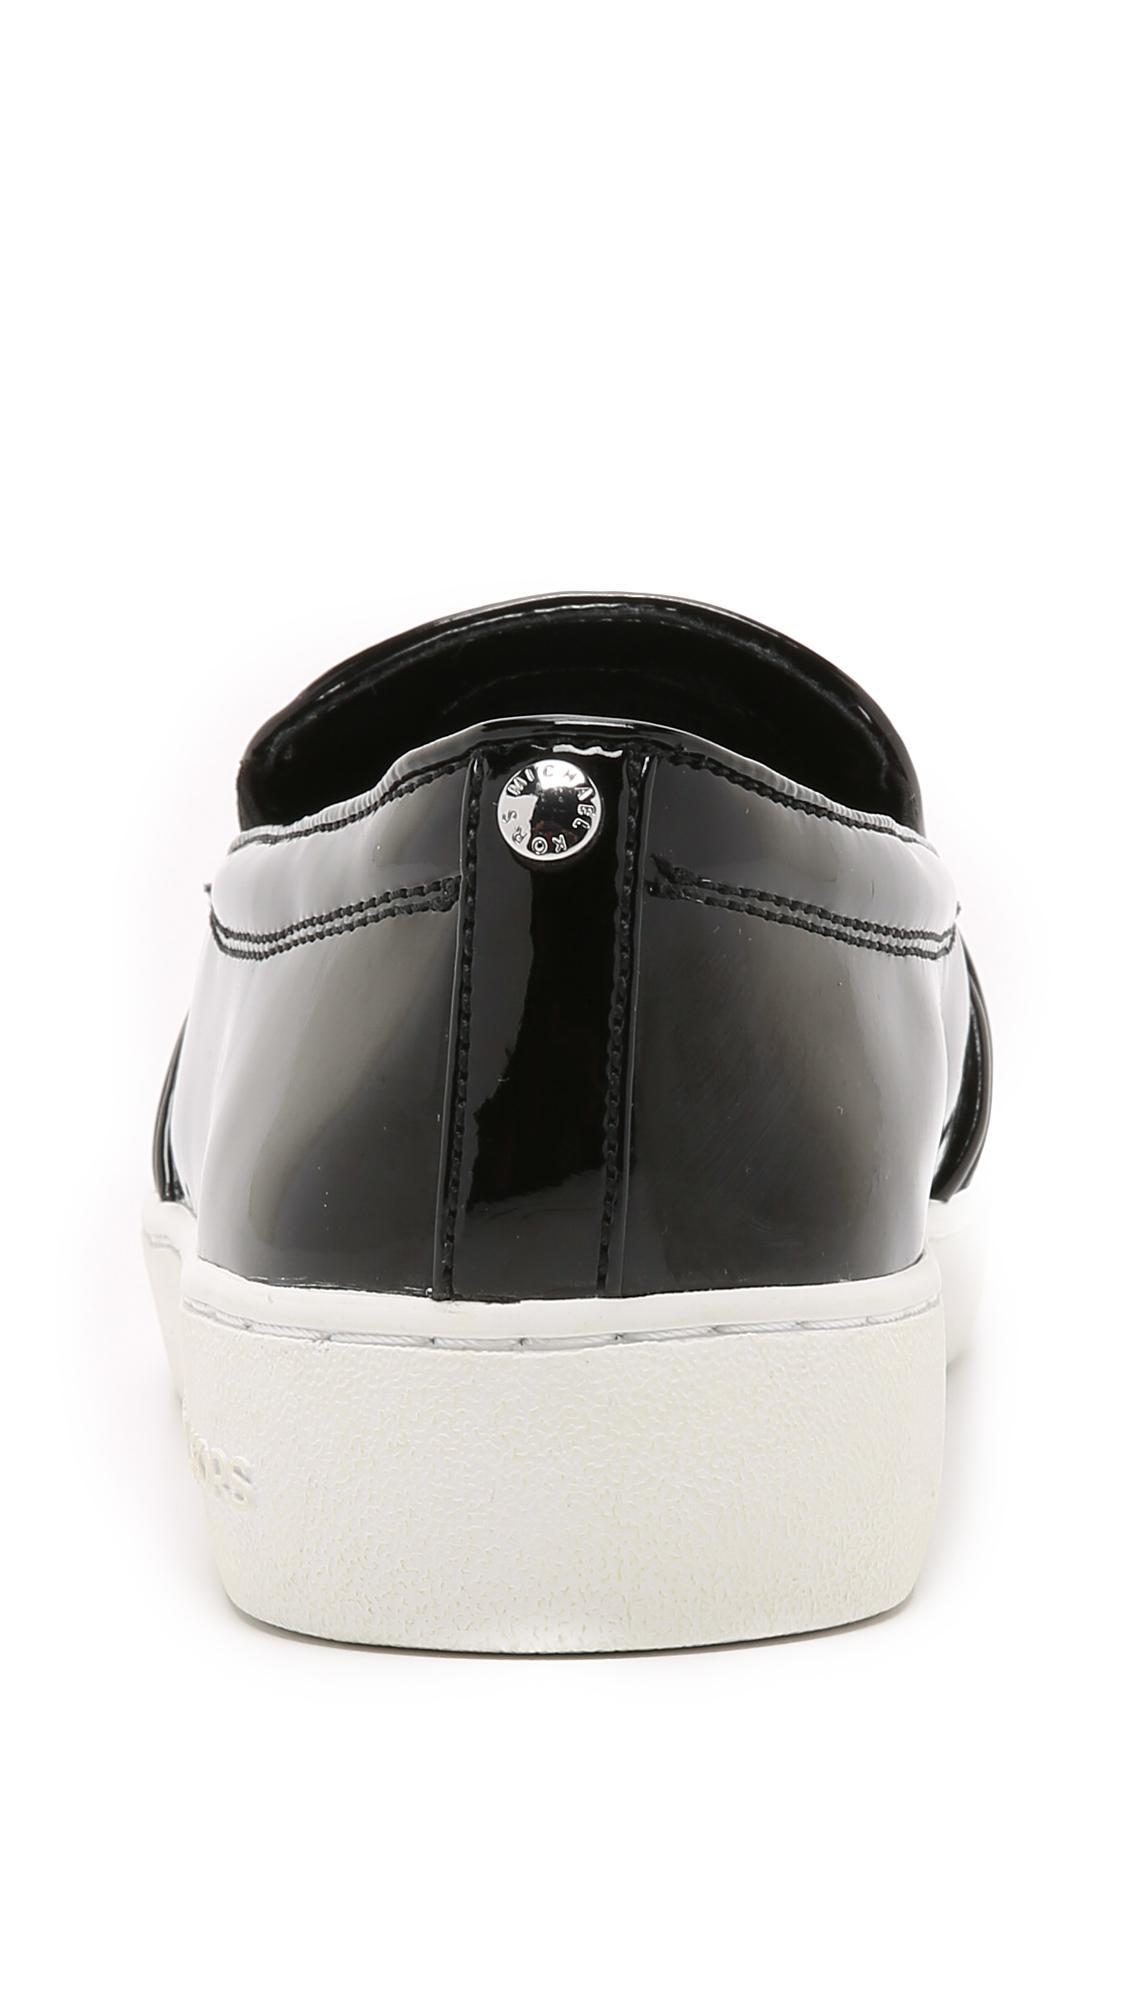 326ed2a77dea2 Lyst - MICHAEL Michael Kors Michelle Slip On Sneakers - Black in Black